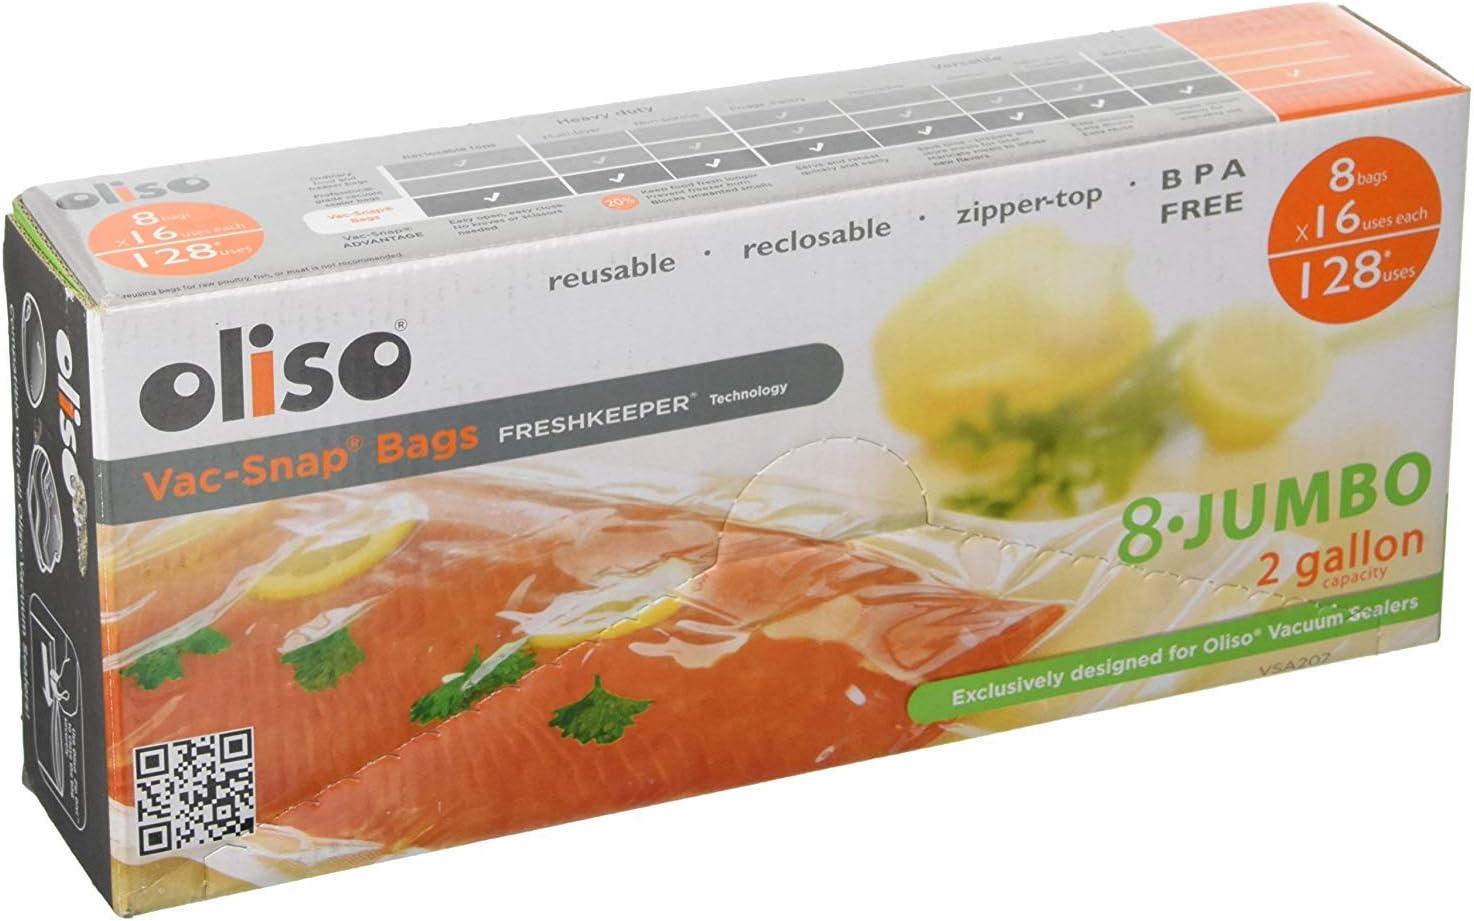 Oliso 8 Jumbo (2 Gallon) Vac-Snap Bags - Reusable Zipper-top reclosable BPA Free Vacuum Bag